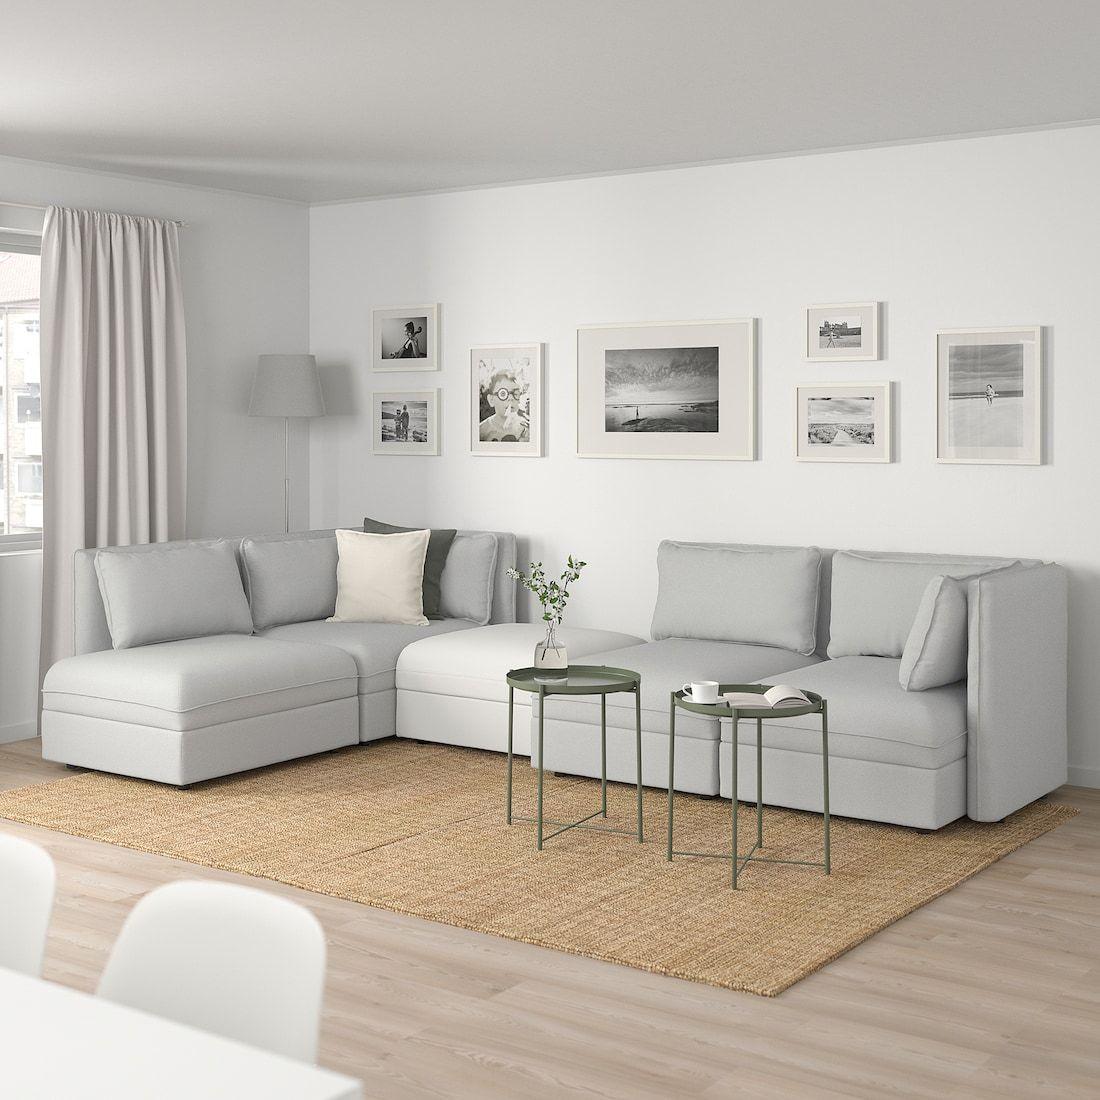 Vallentuna Modular Corner Sofa 4 Seat With Storage Orrsta Murum Light Gray White Ikea In 2020 Modular Corner Sofa Vallentuna Modular Sofa